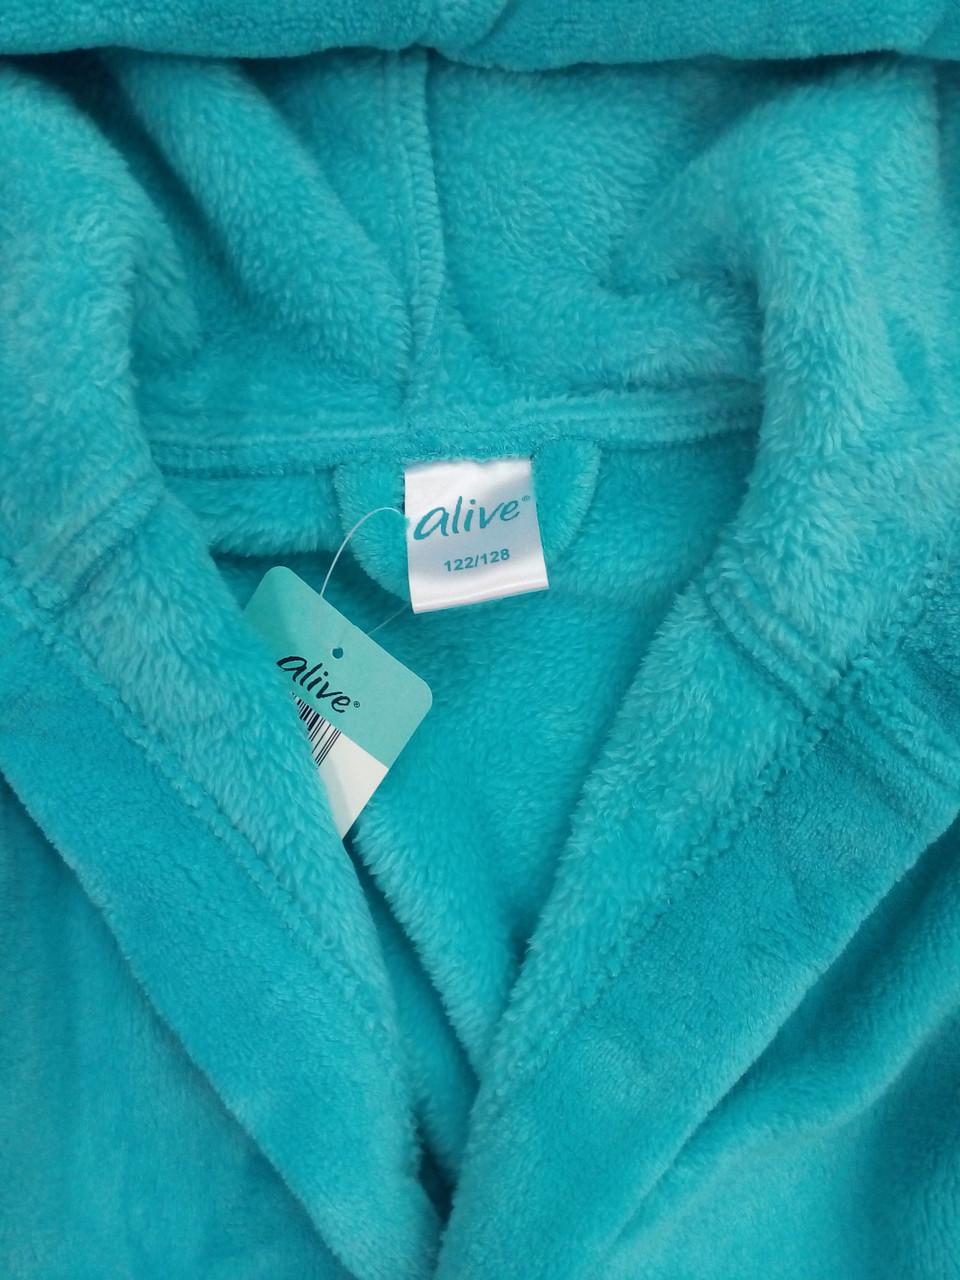 3ddc663747627 Голубой махровый халат для мальчика Alive: продажа, цена в ...